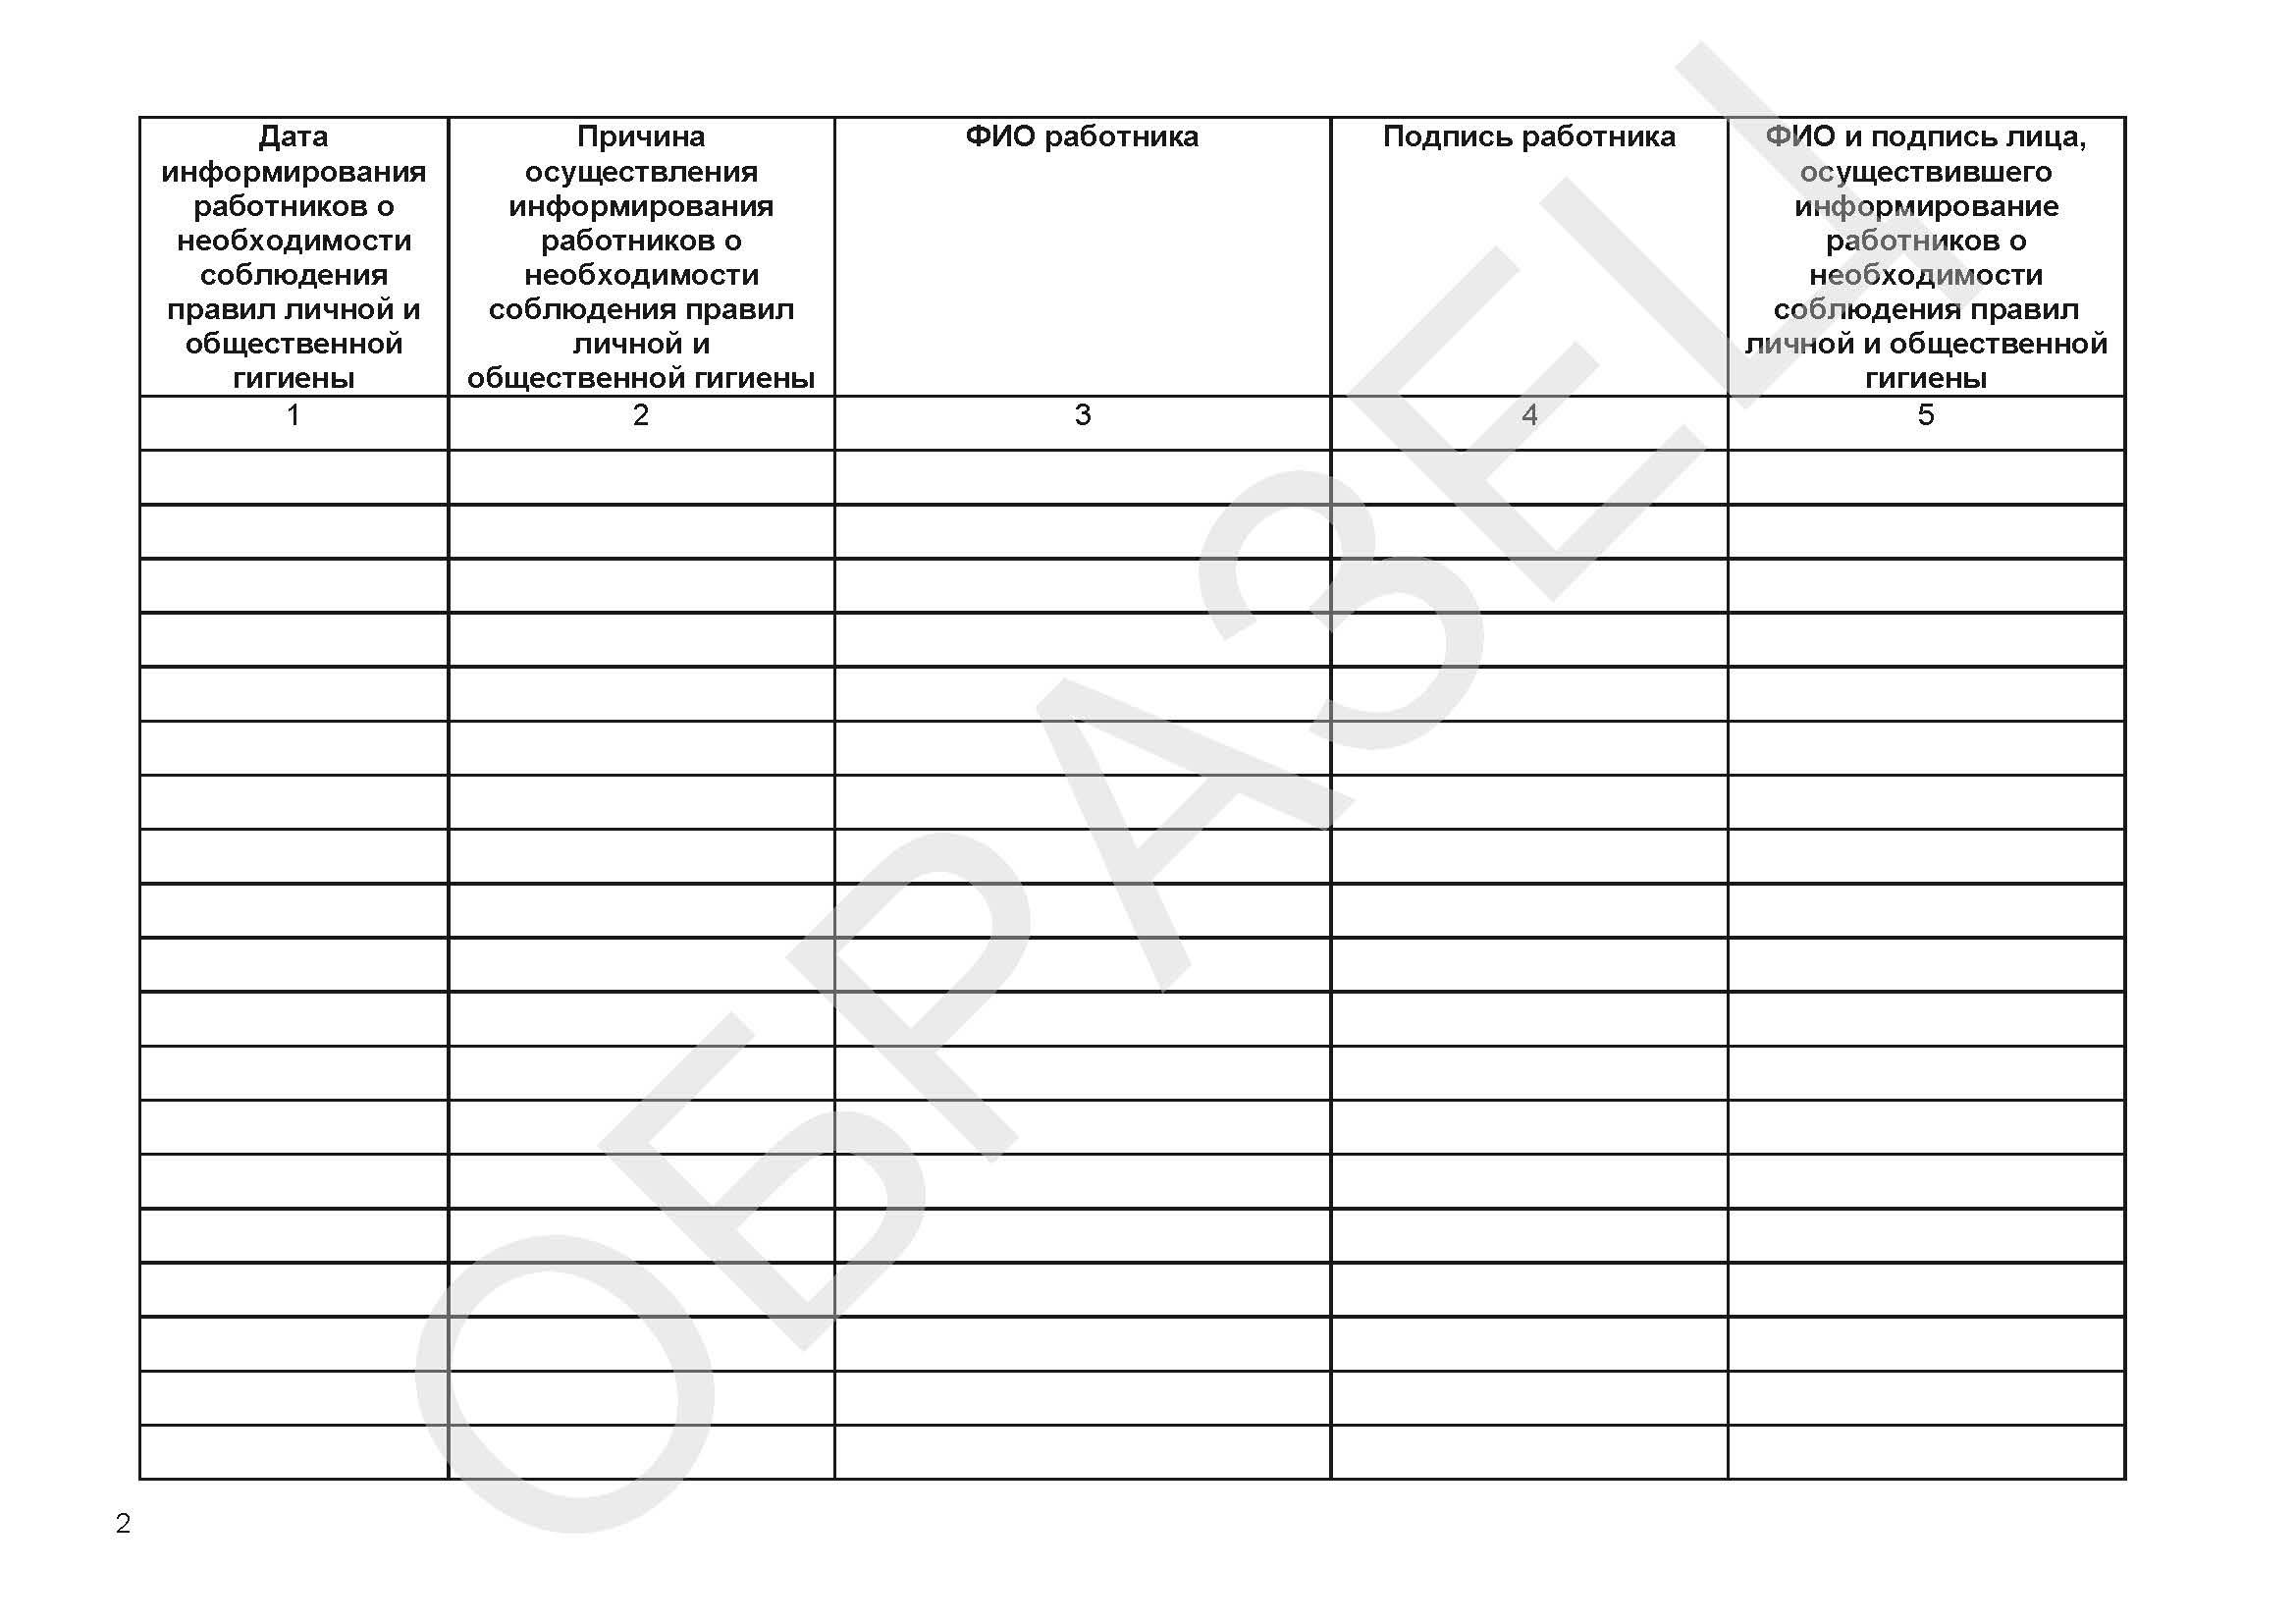 Журнал по контролю информирования работников о необходимости соблюдения правил личной и общественной гигиены в целях предупреждения распространения коронавирусной инфекции (COVID-19)